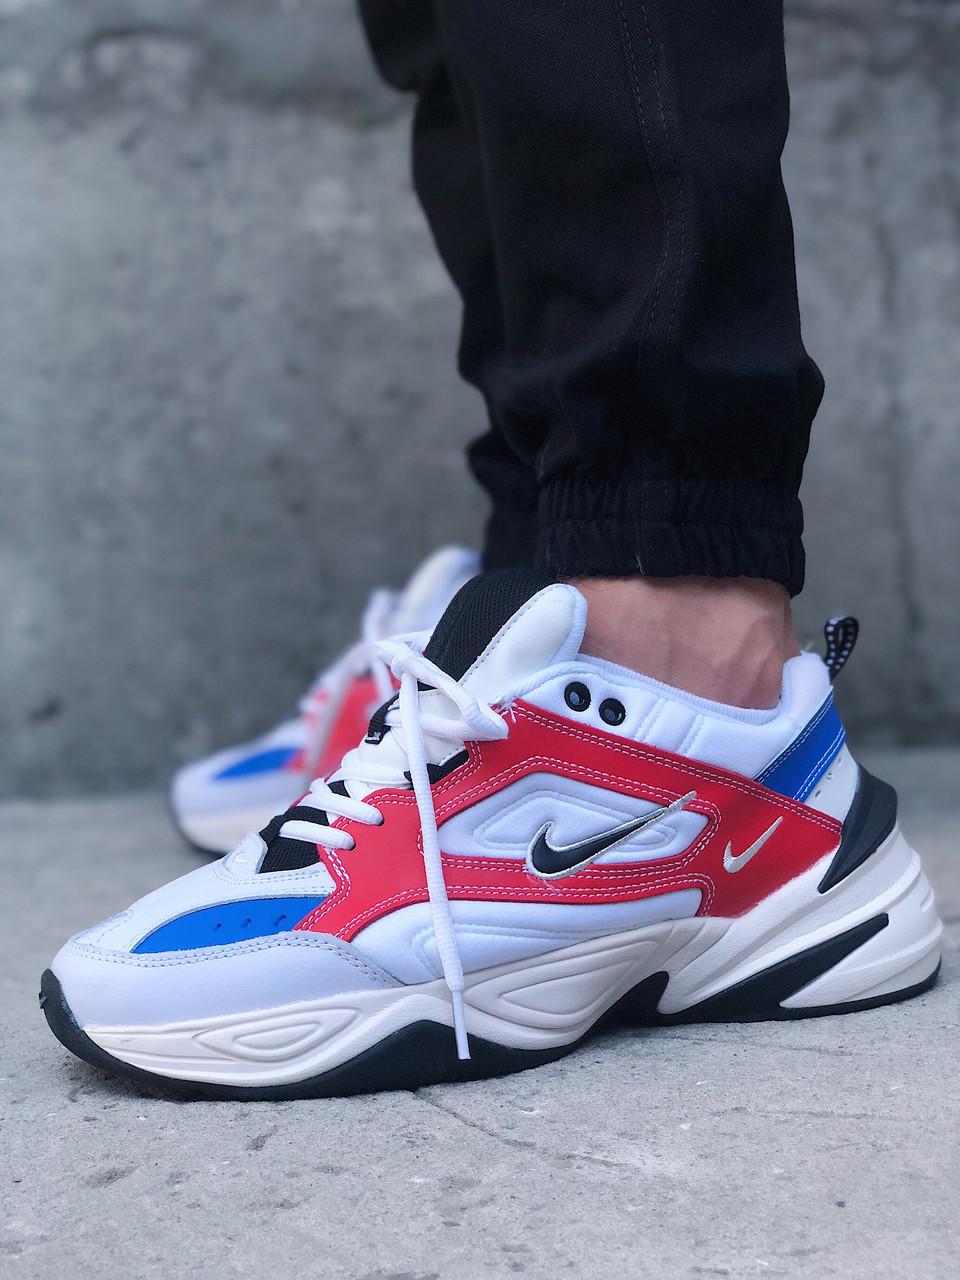 Мужские кроссовки Nike M2K Tekno John Elliott, разноцветные. Размеры (36,37,38,39,40,42)